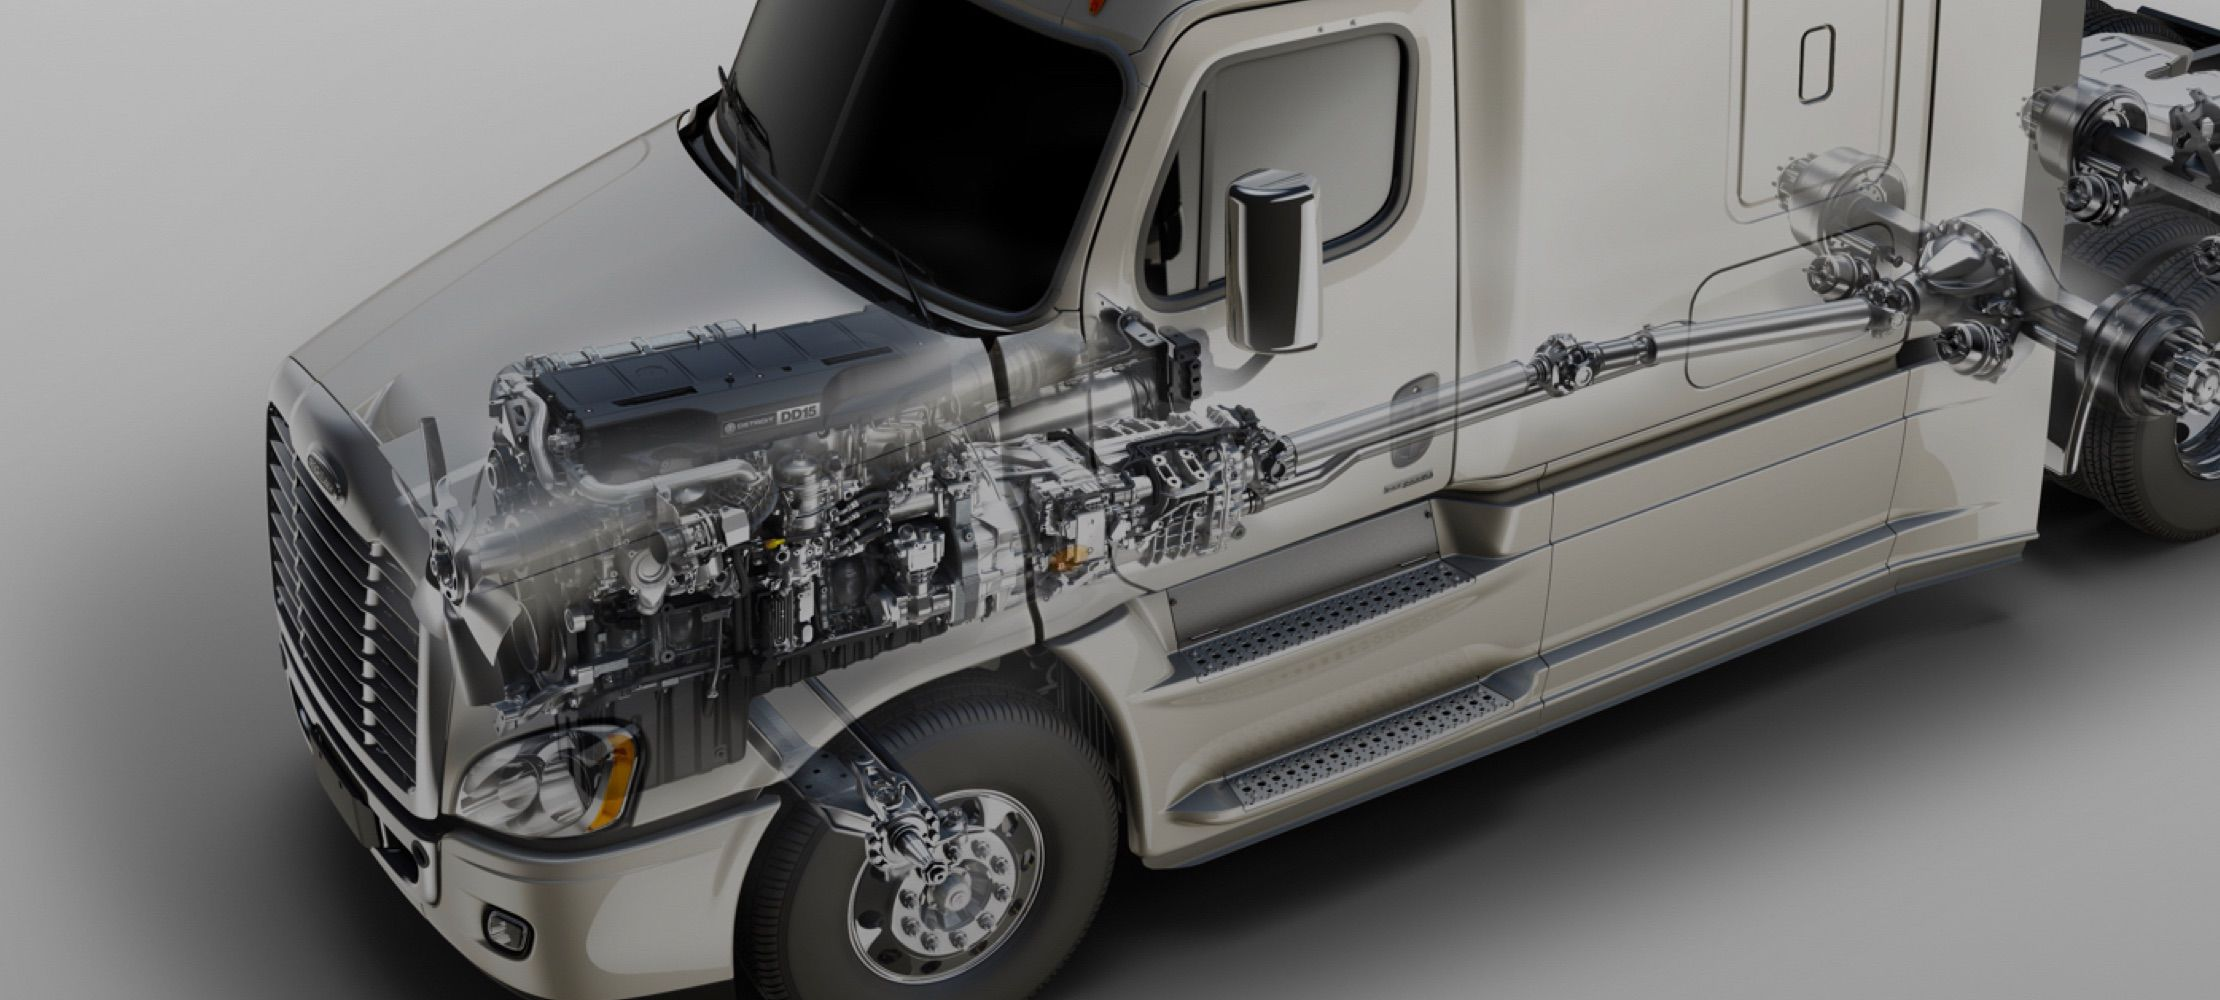 Daimler - Case Study